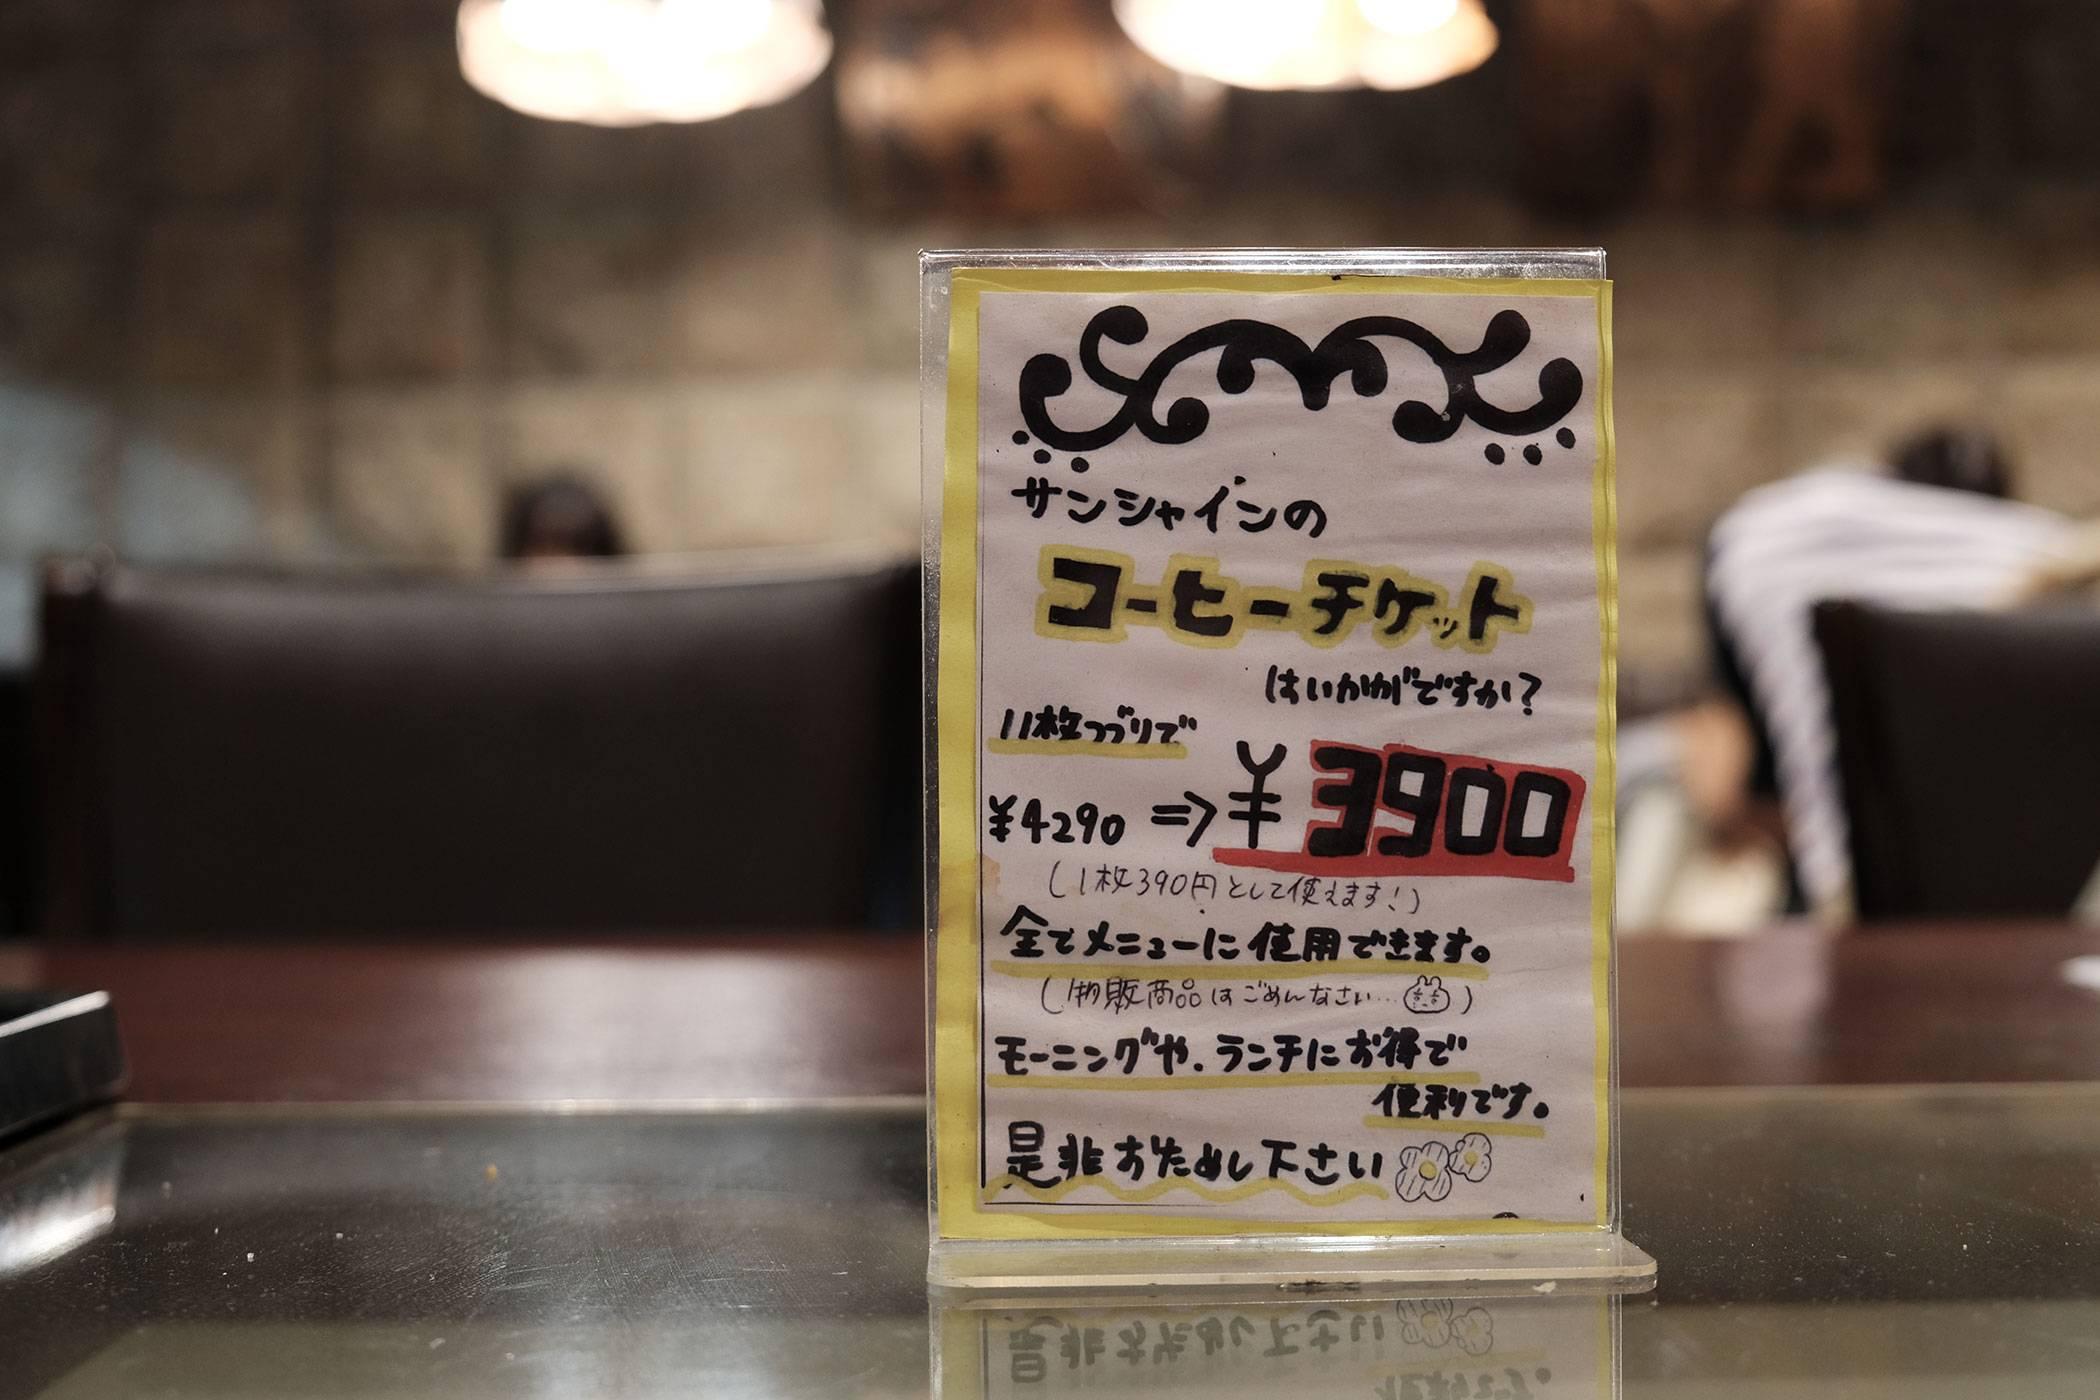 【大阪・梅田】おすすめカフェ&コーヒースタンドまとめ 喫茶サンシャイン